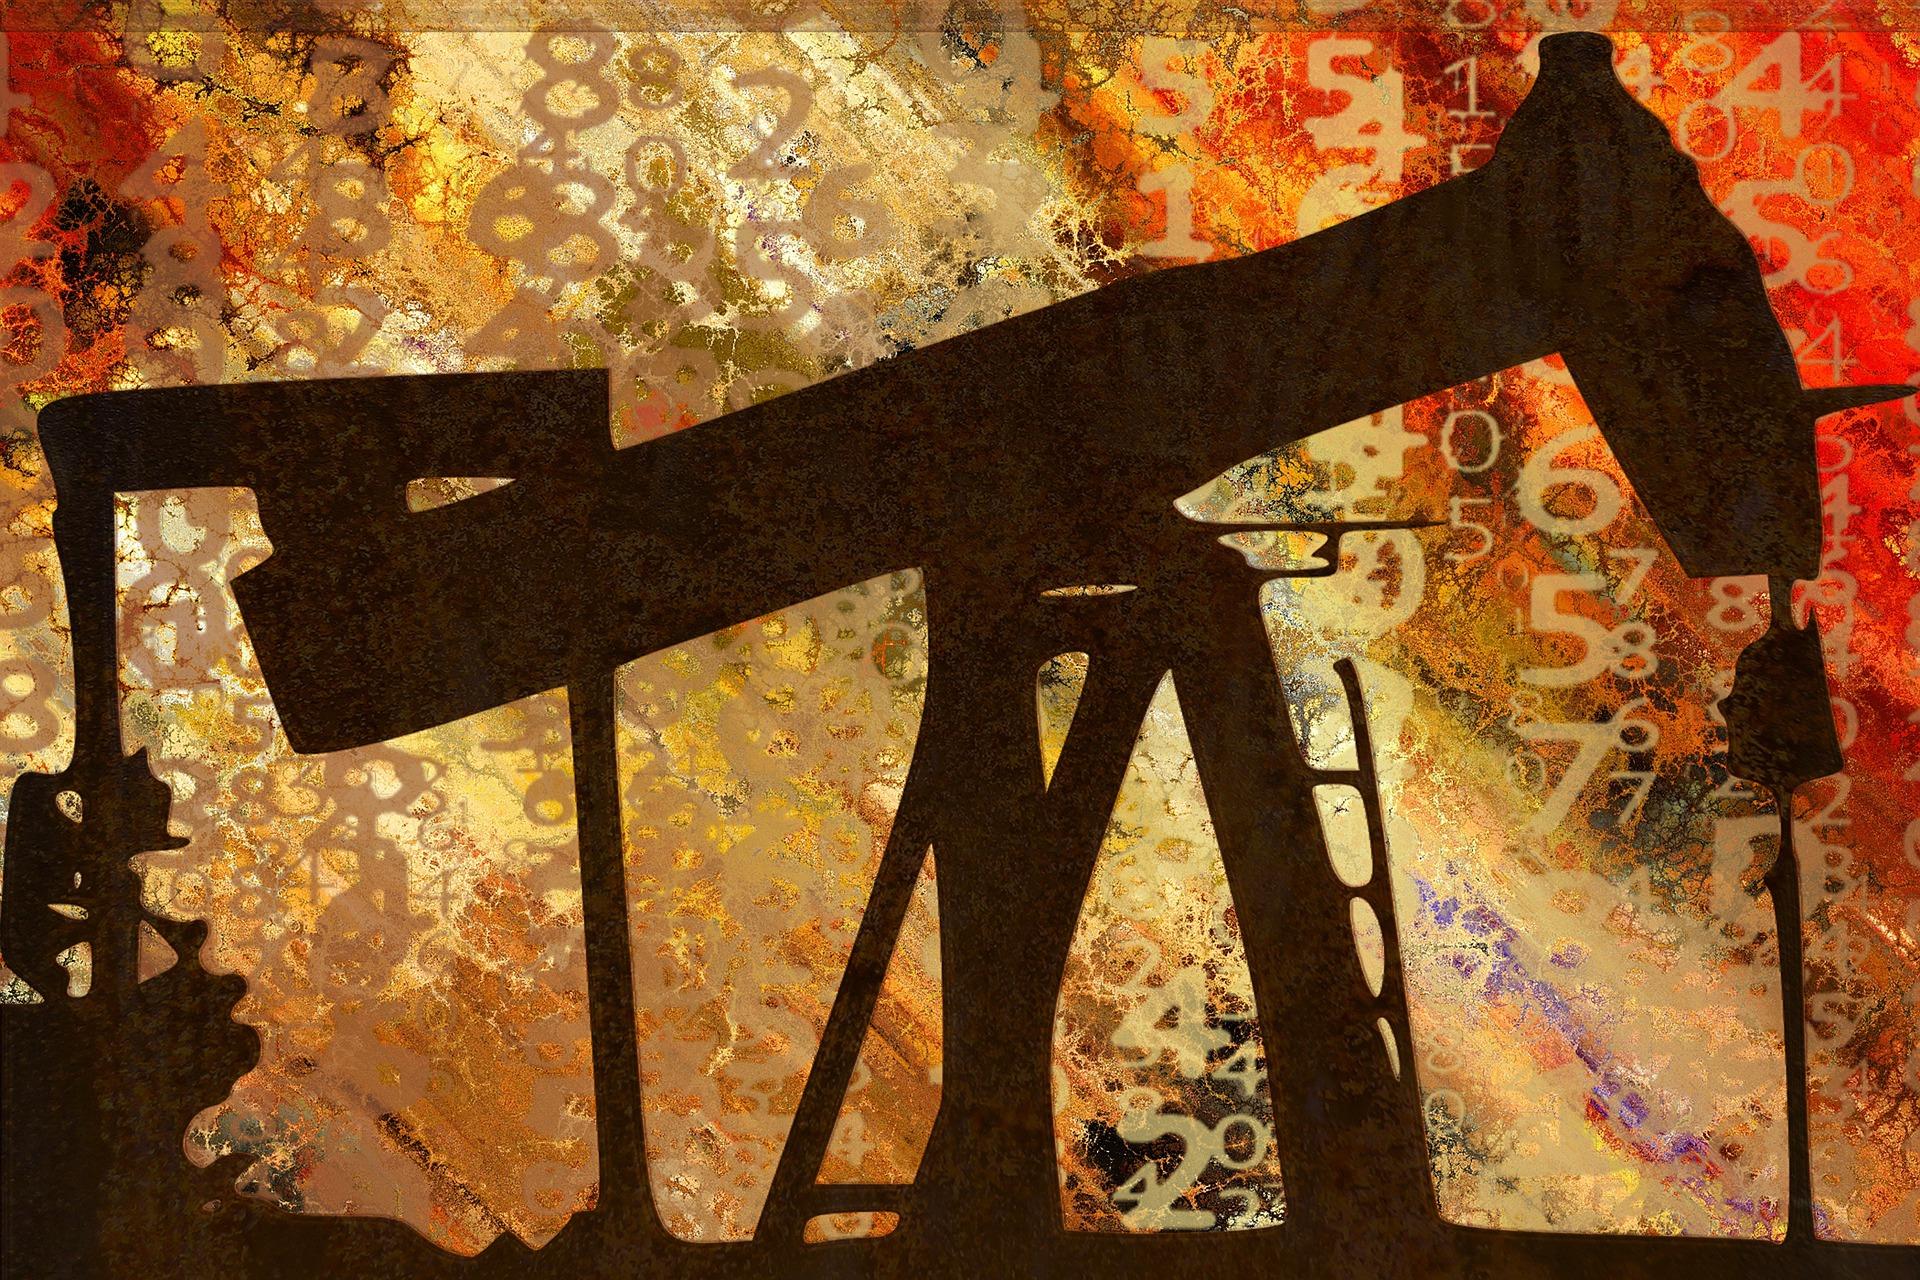 قمة الشرق الأوسط وشمال أفريقيا لتكنولوجيا النفط والغاز تستكشف التحول الرقمي